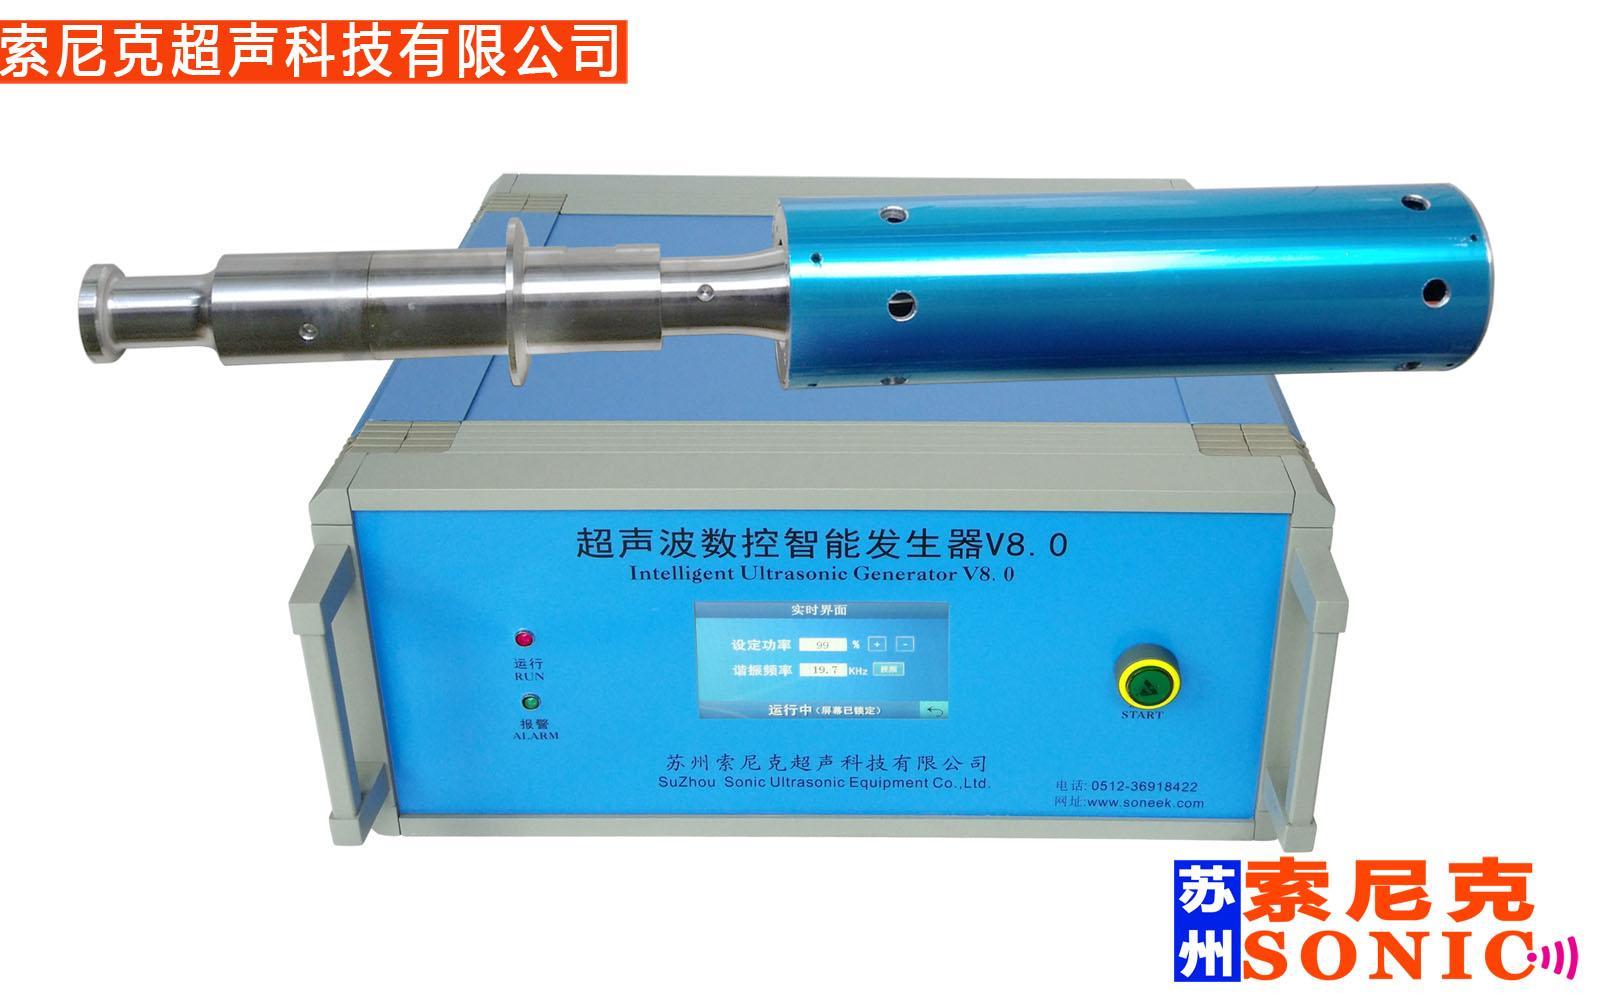 嘉音牌JY-Y202G超声波纳米材料分散机 1